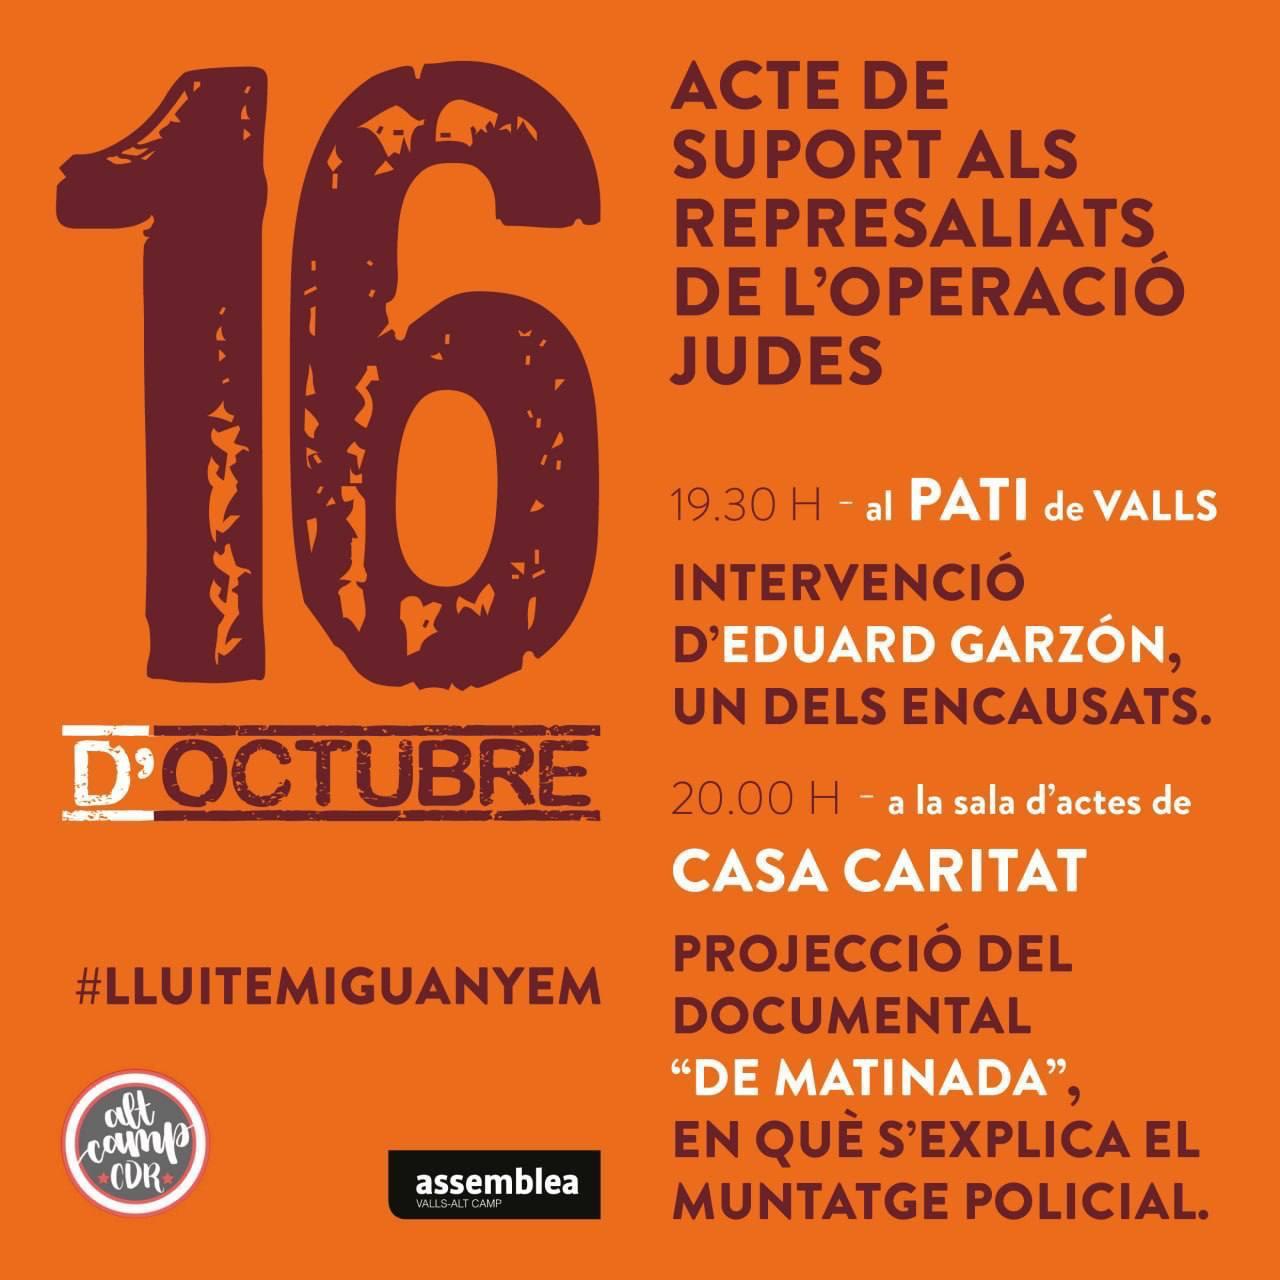 16 d'octubre - Lluitem i guanyem